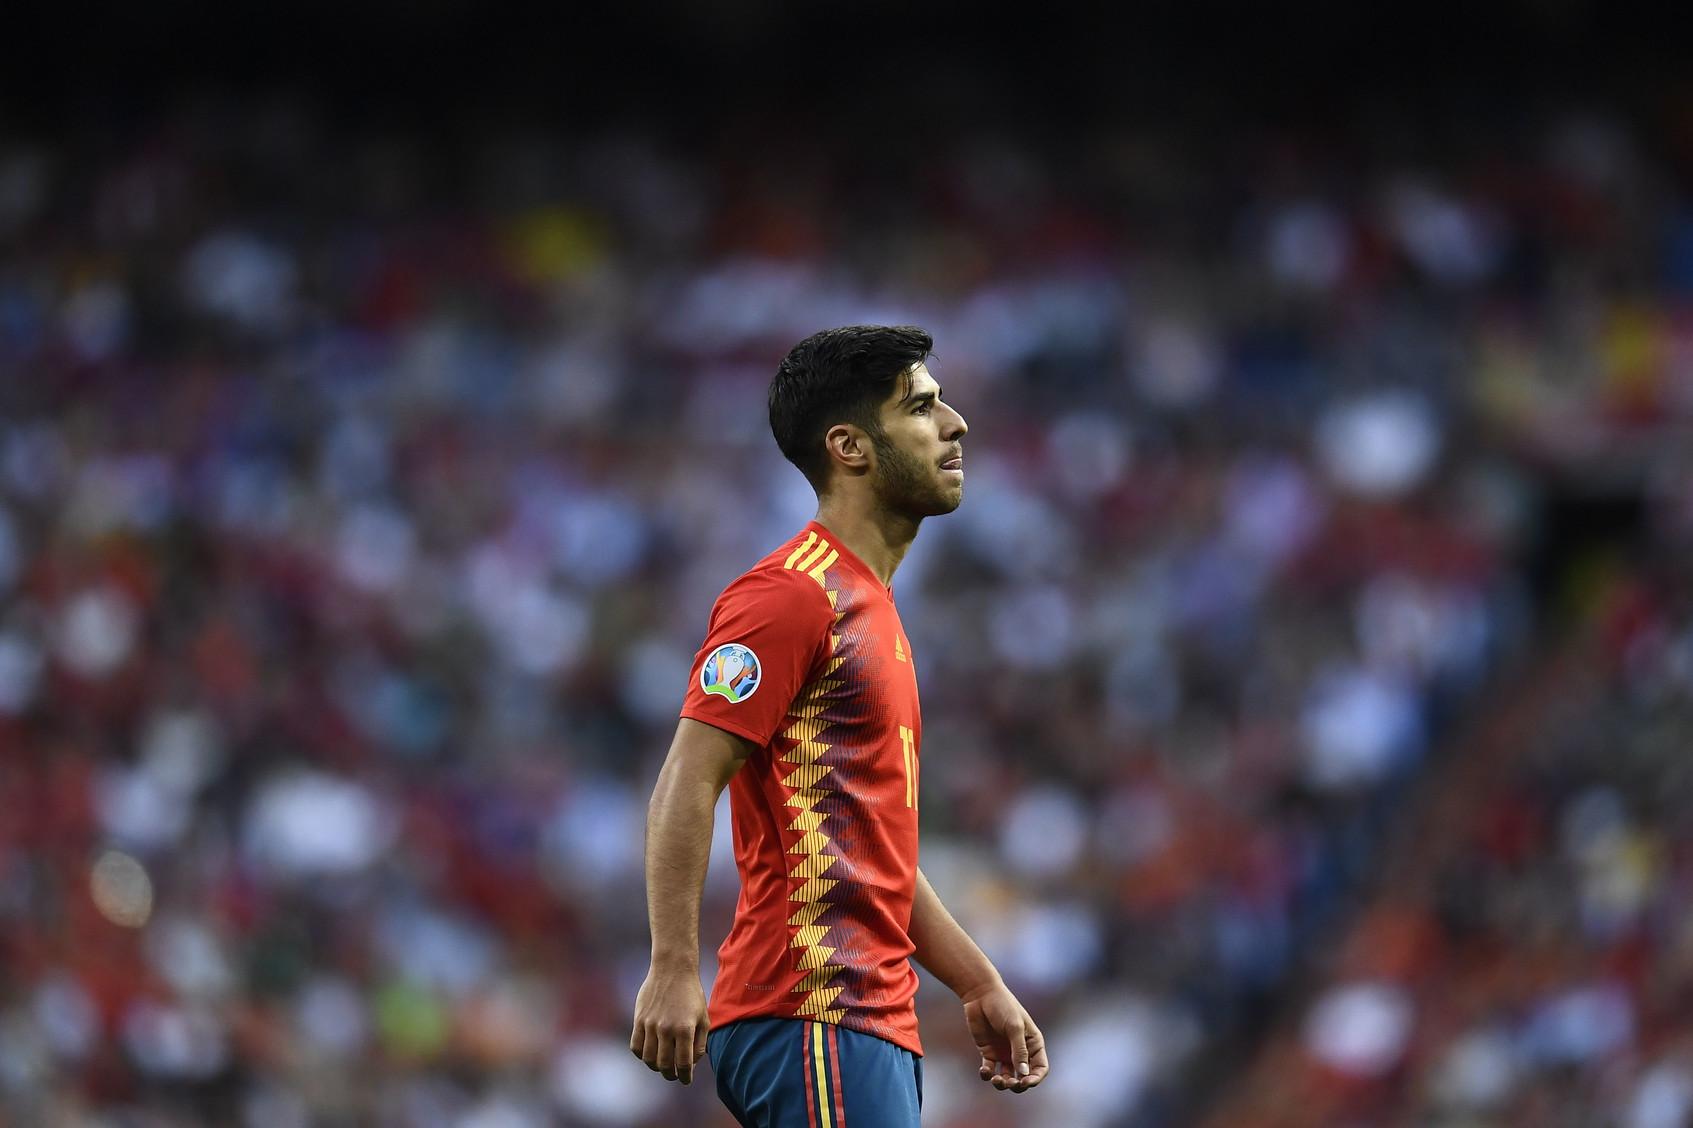 Marco Asensio (Spagna): rottura del legamento crociato a luglio, sarebbe dovuto rientrare in questi giorni ma difficilmente sarebbe stato convocato per Euro 2020